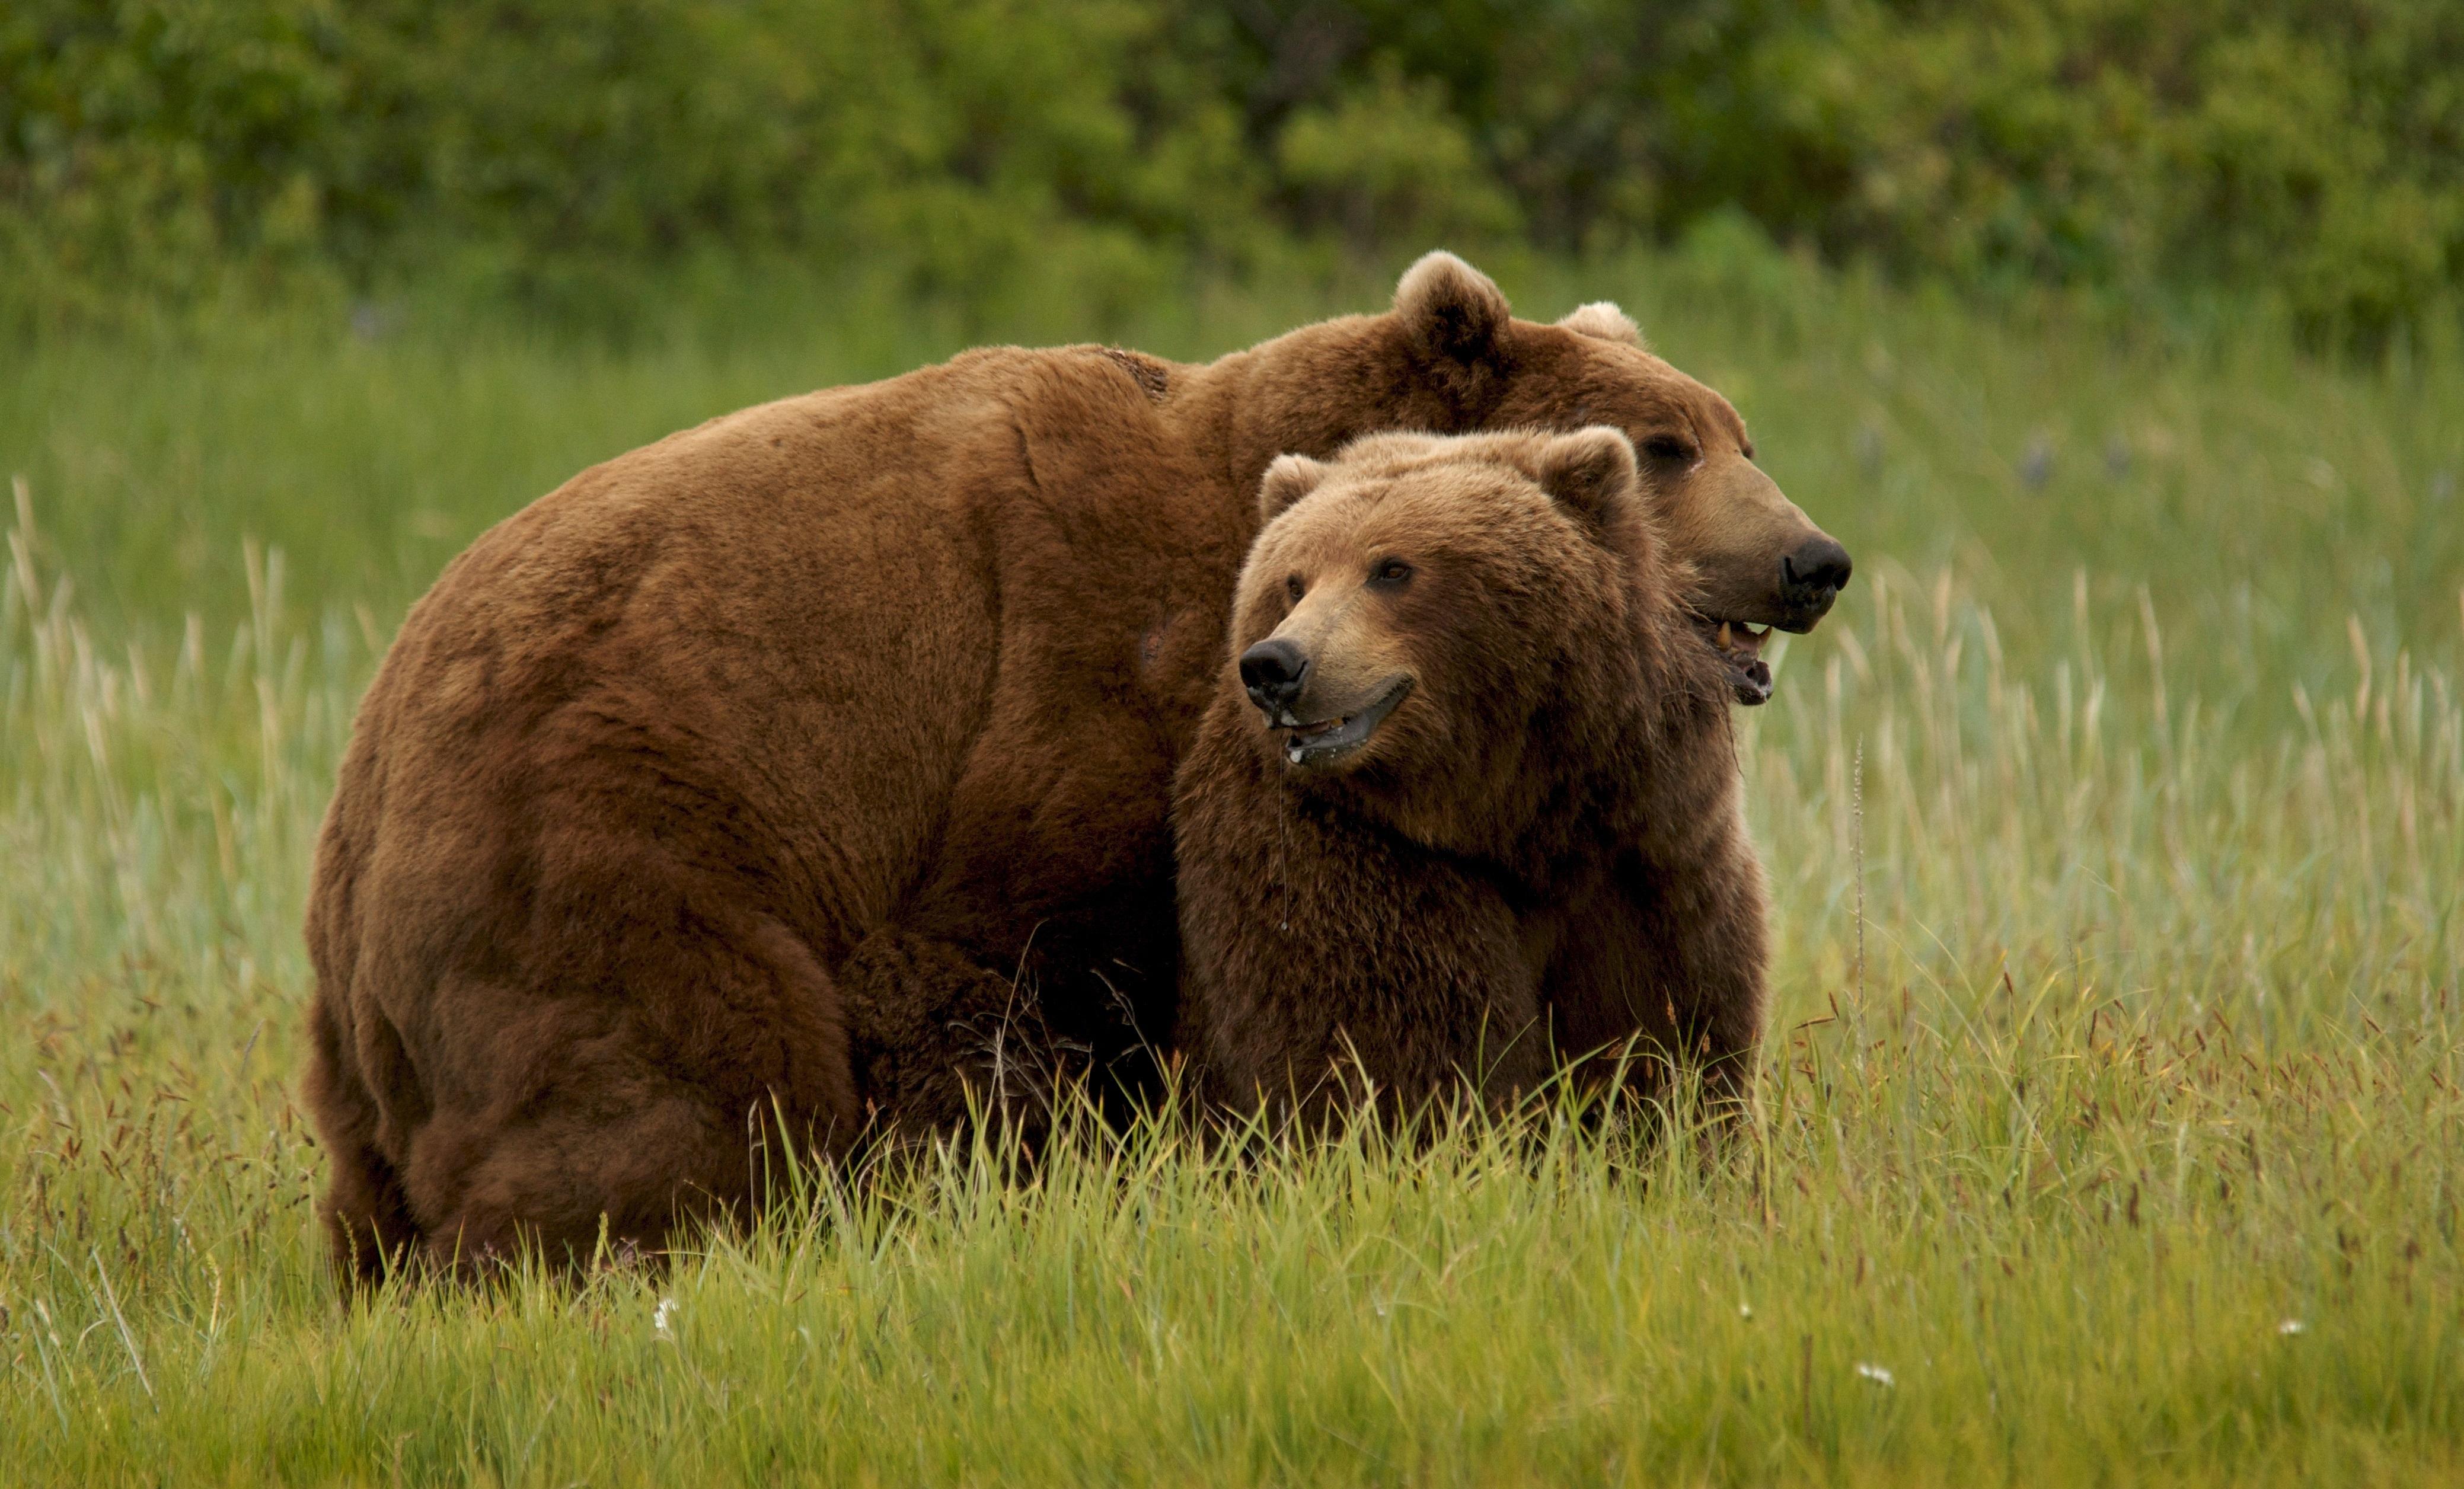 Grizzly Bear Hd Desktop